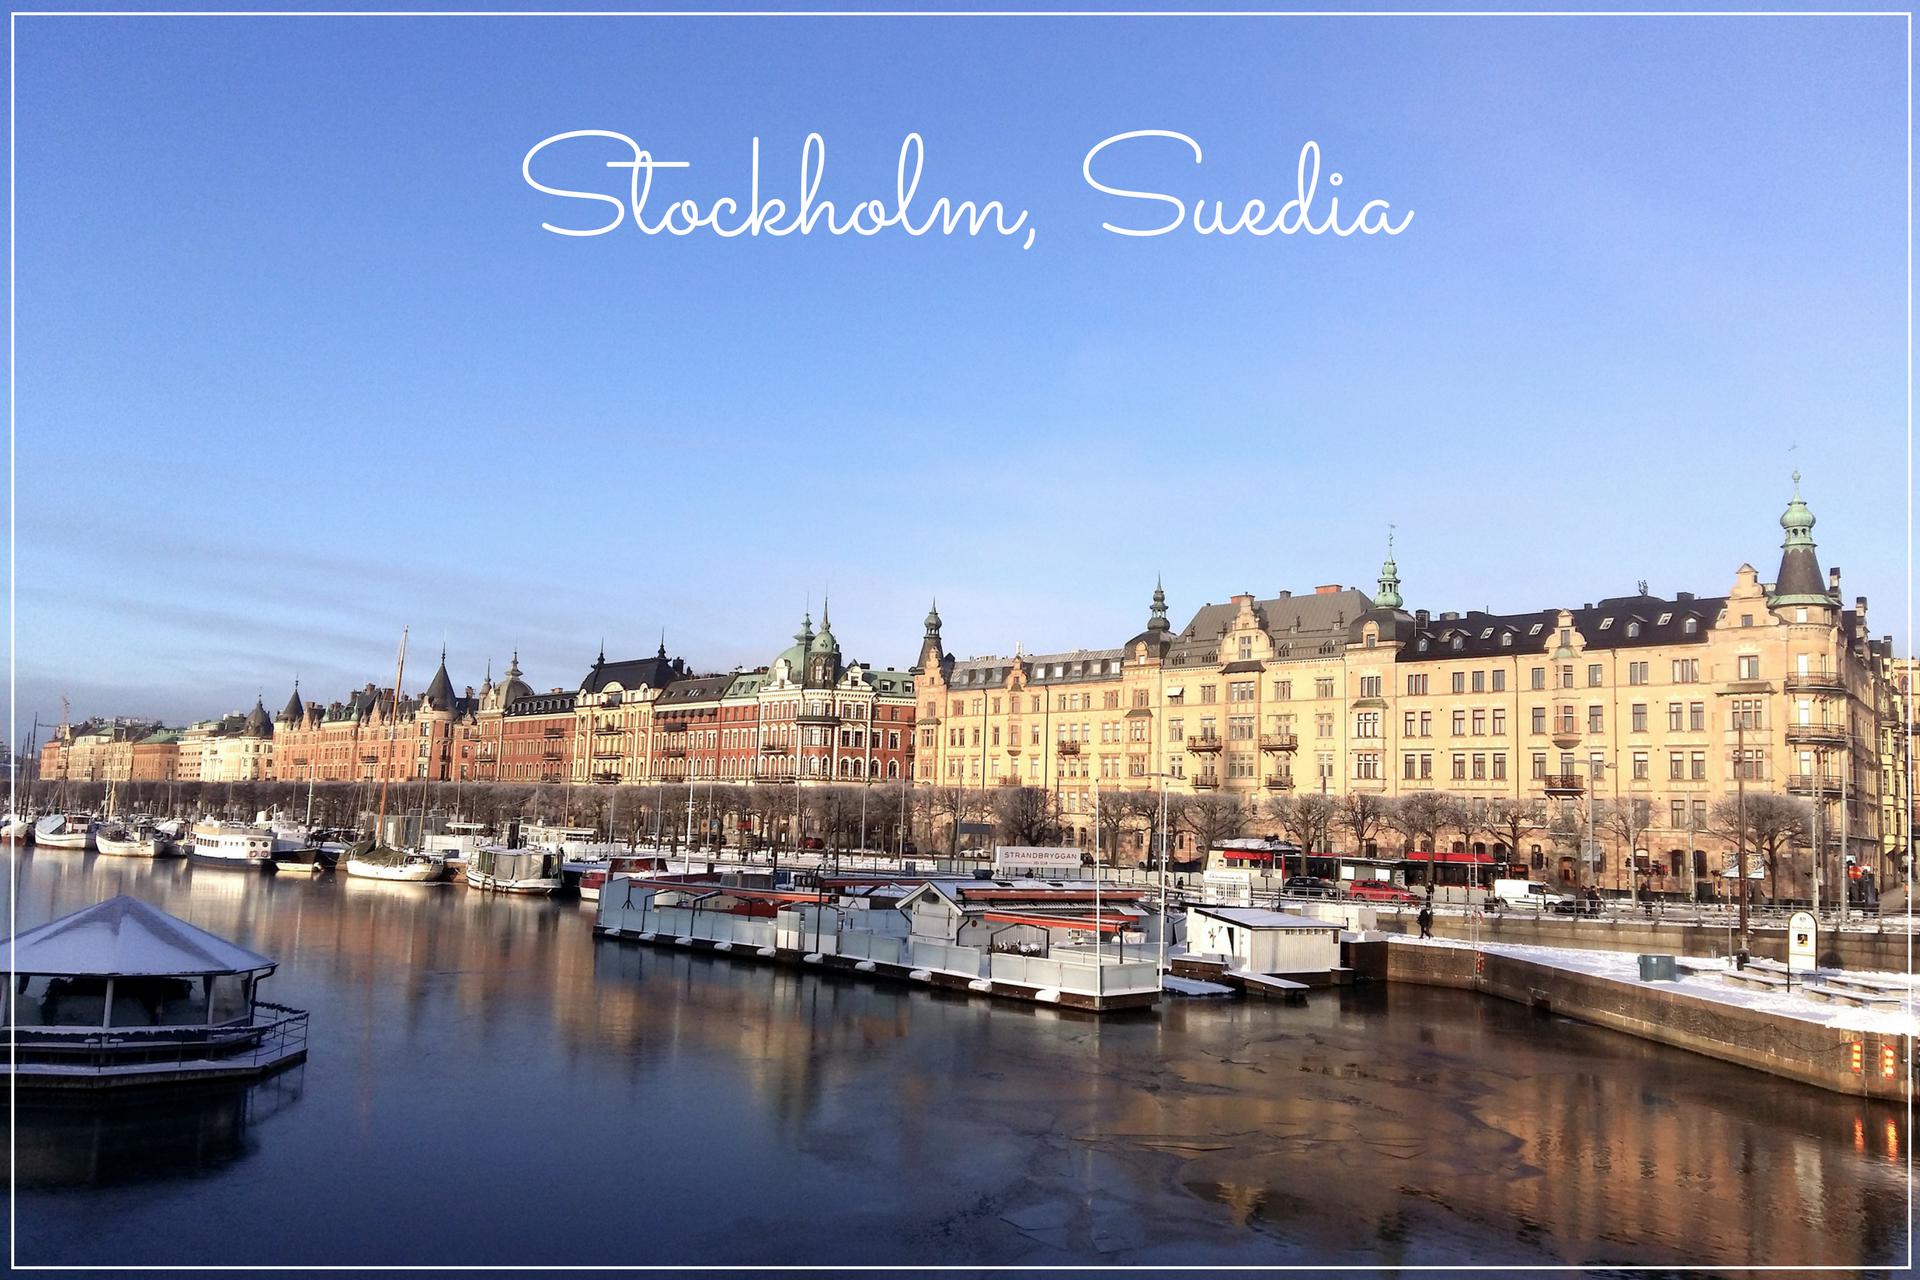 Stockholm pe timp de iarnă. Prima experiență scandinavă    impresii & păreri